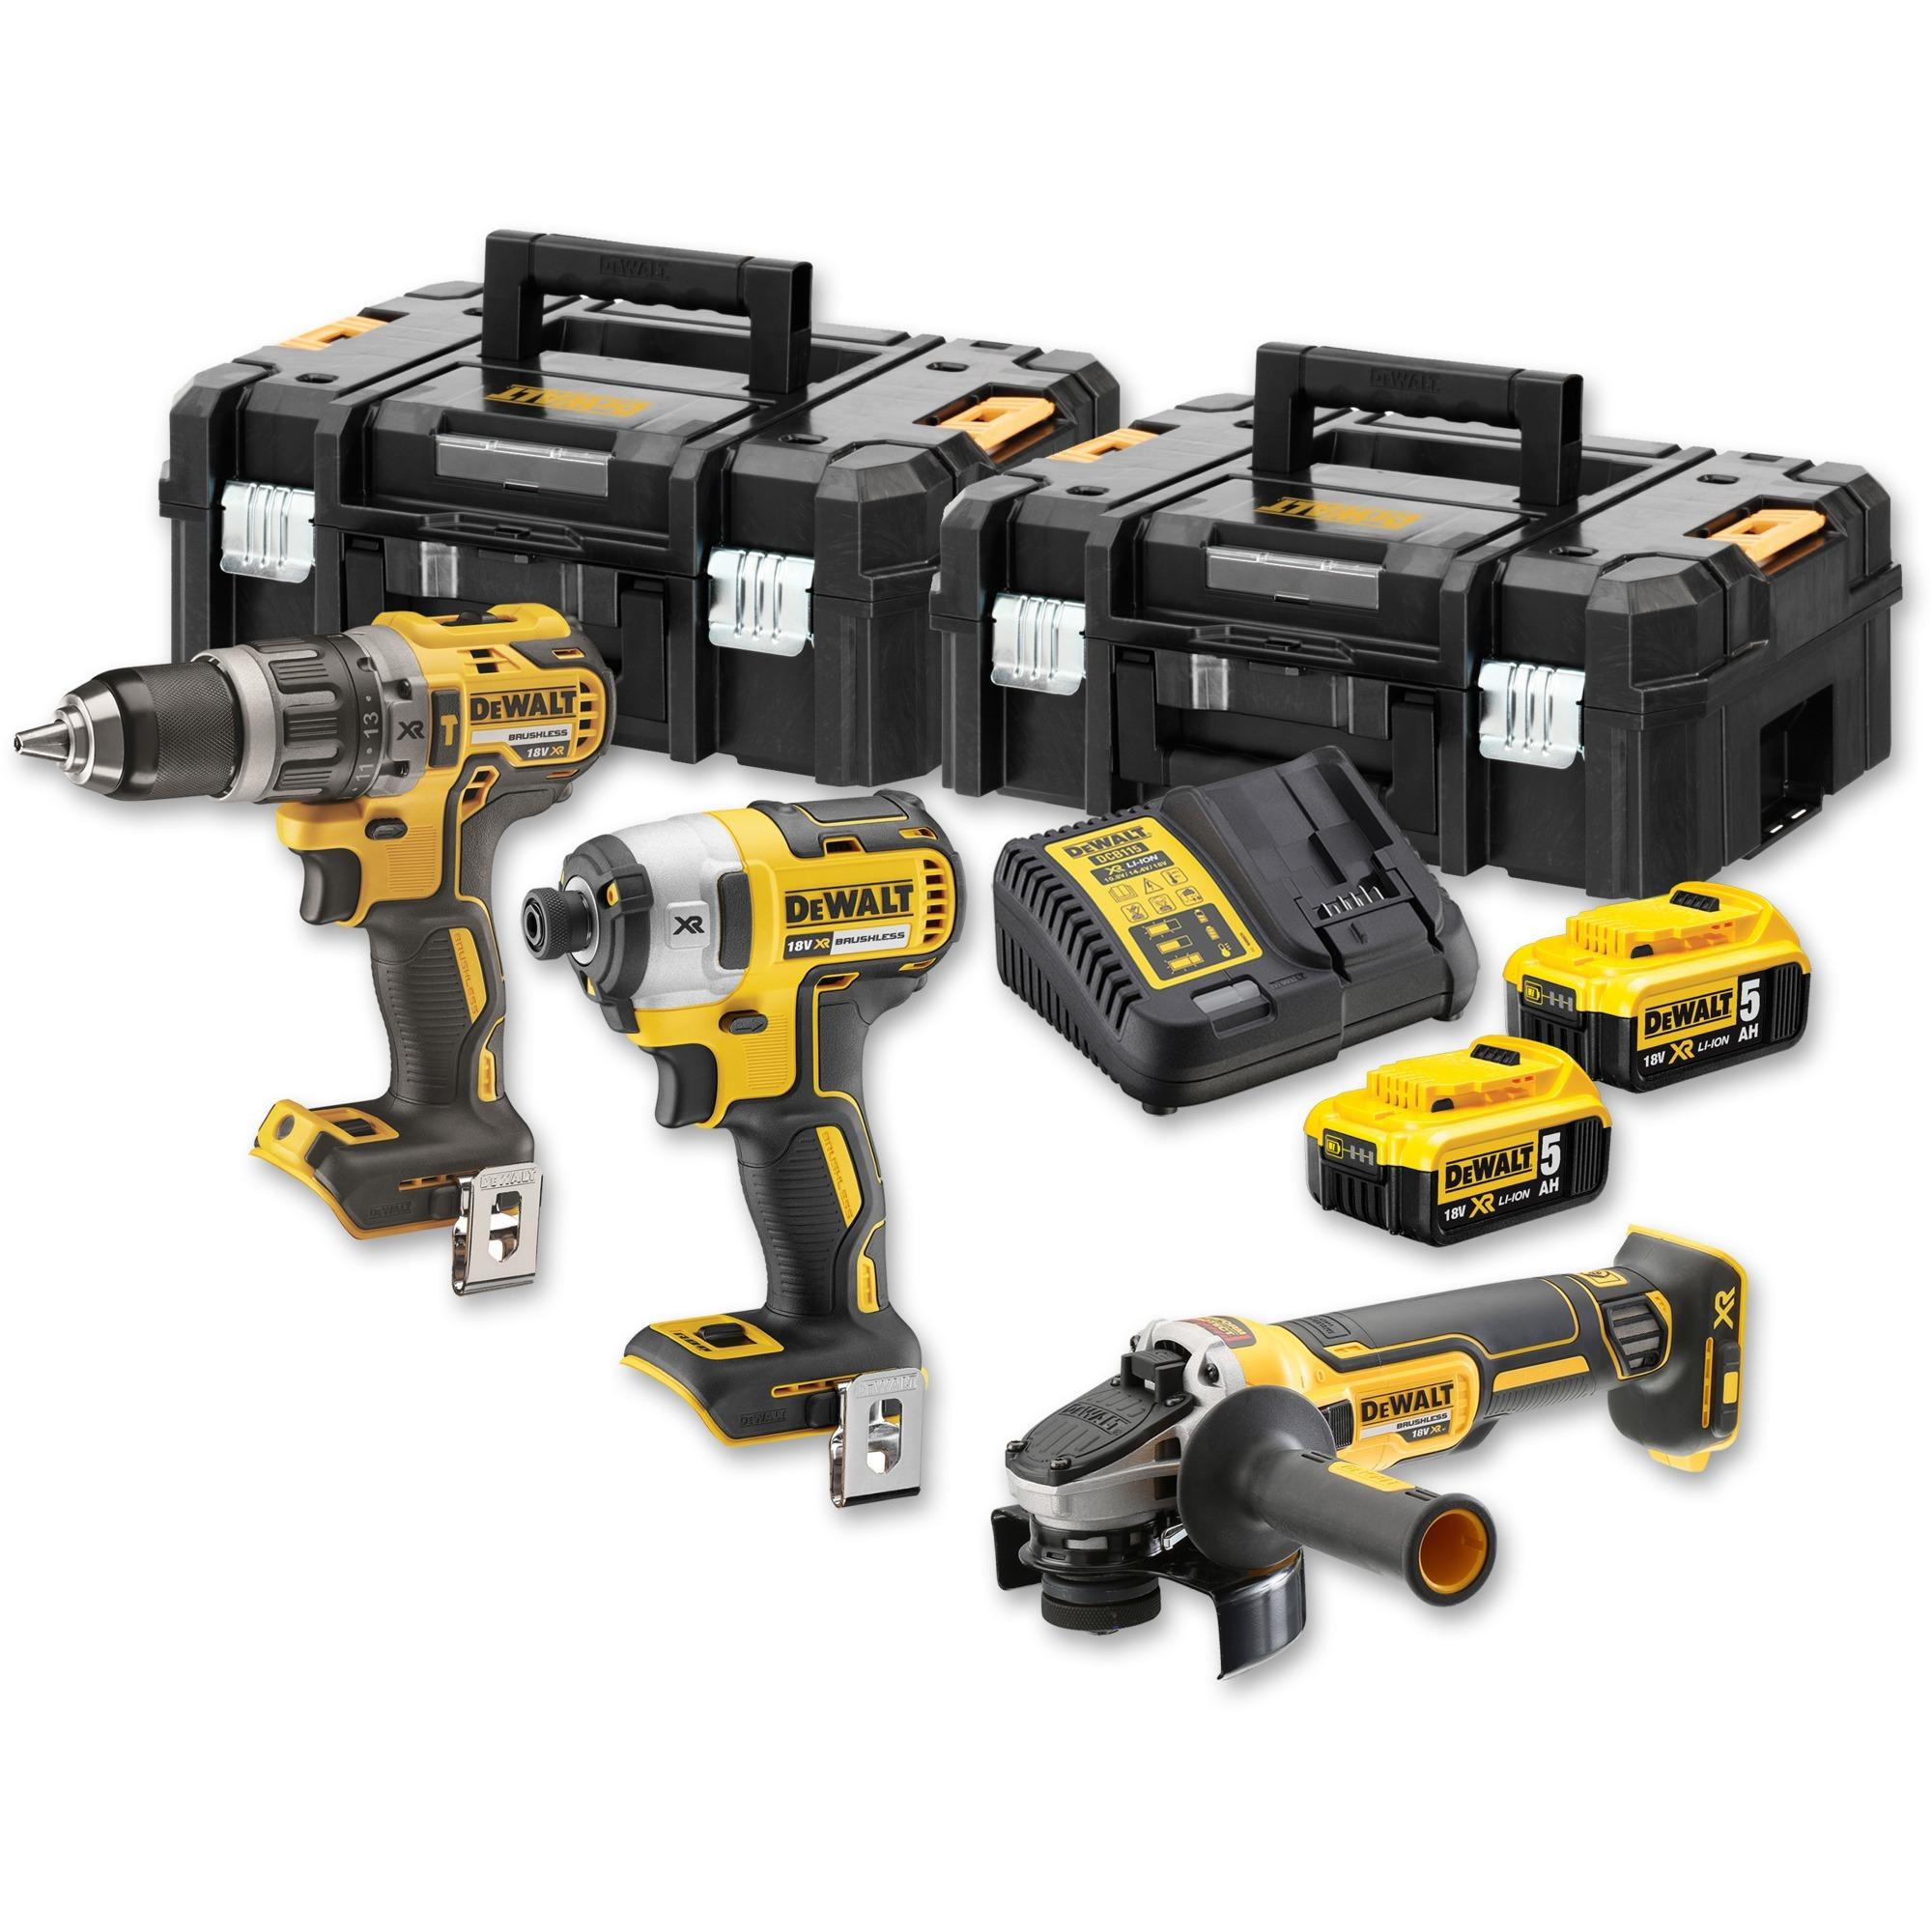 DCK384P2T-QW, Kit de herramientas